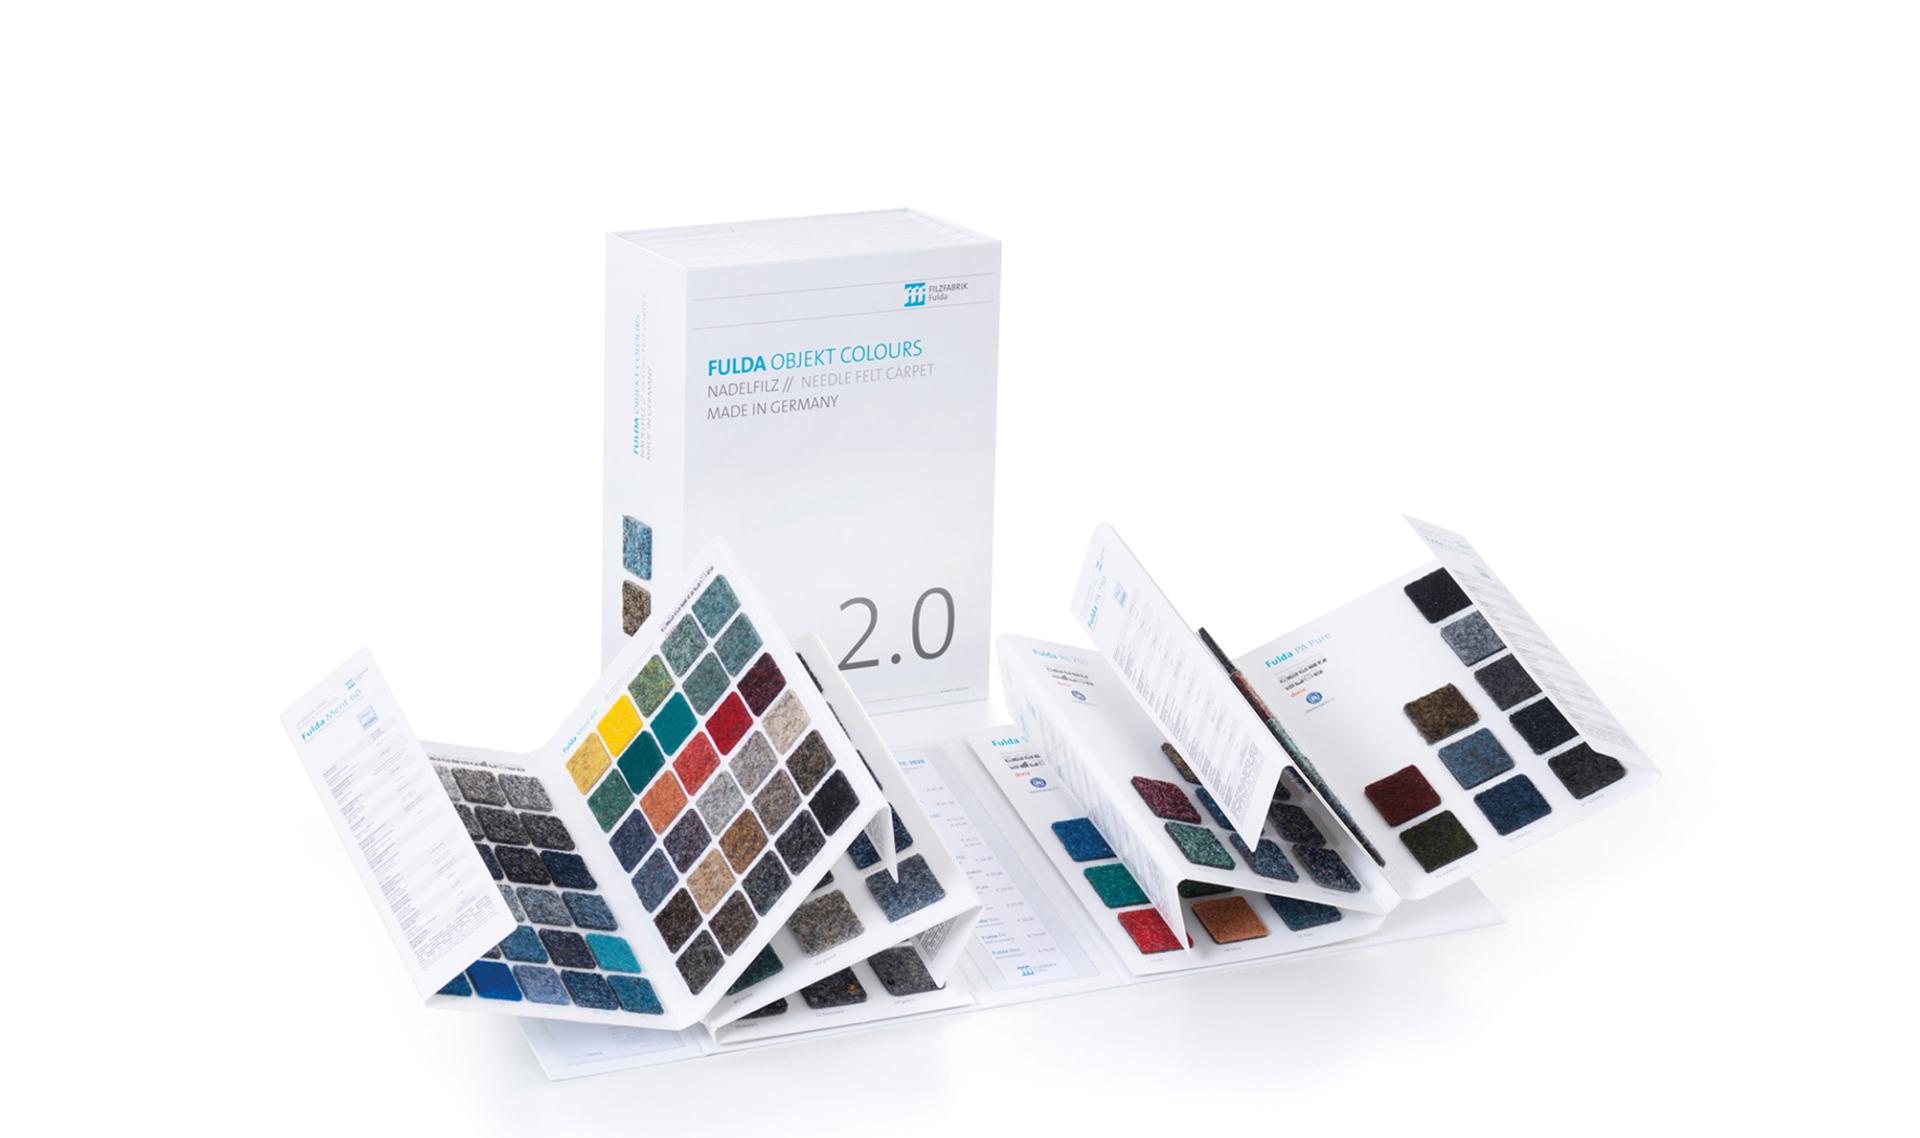 fff_fulda_objekt_colours_montage-slider-qualitaeten-June